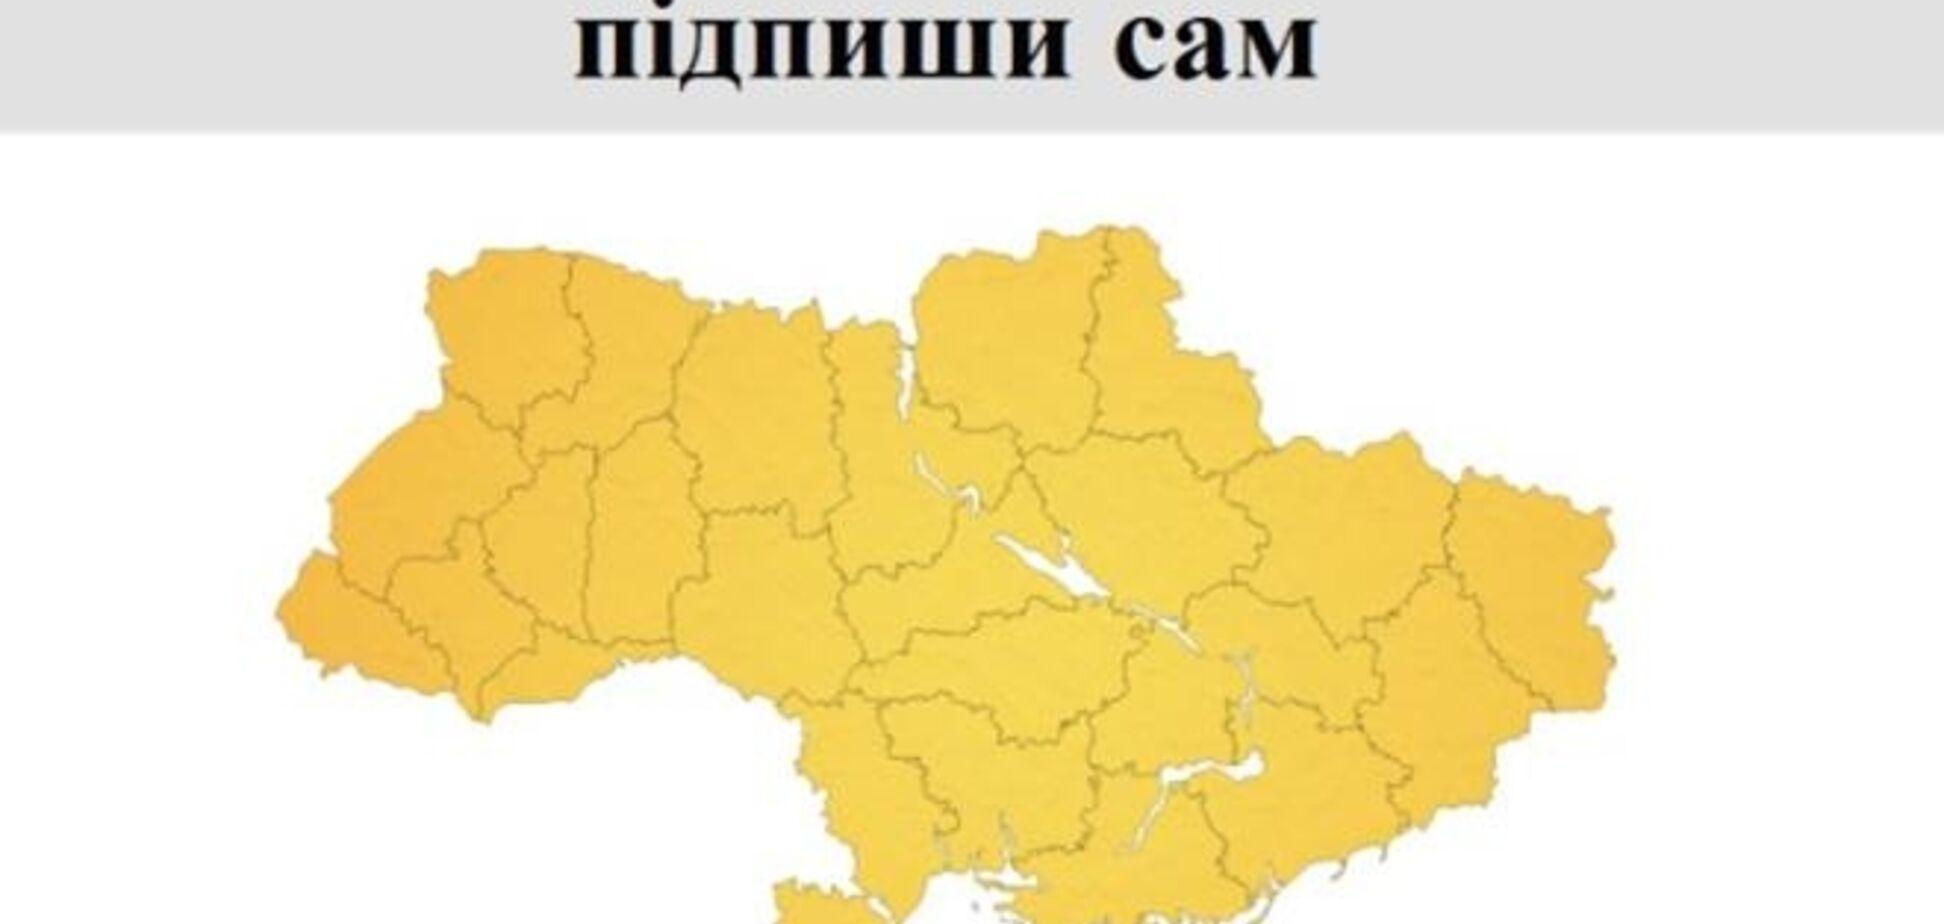 В Сети украинцам предлагают подписать символическое Соглашение об ассоциации